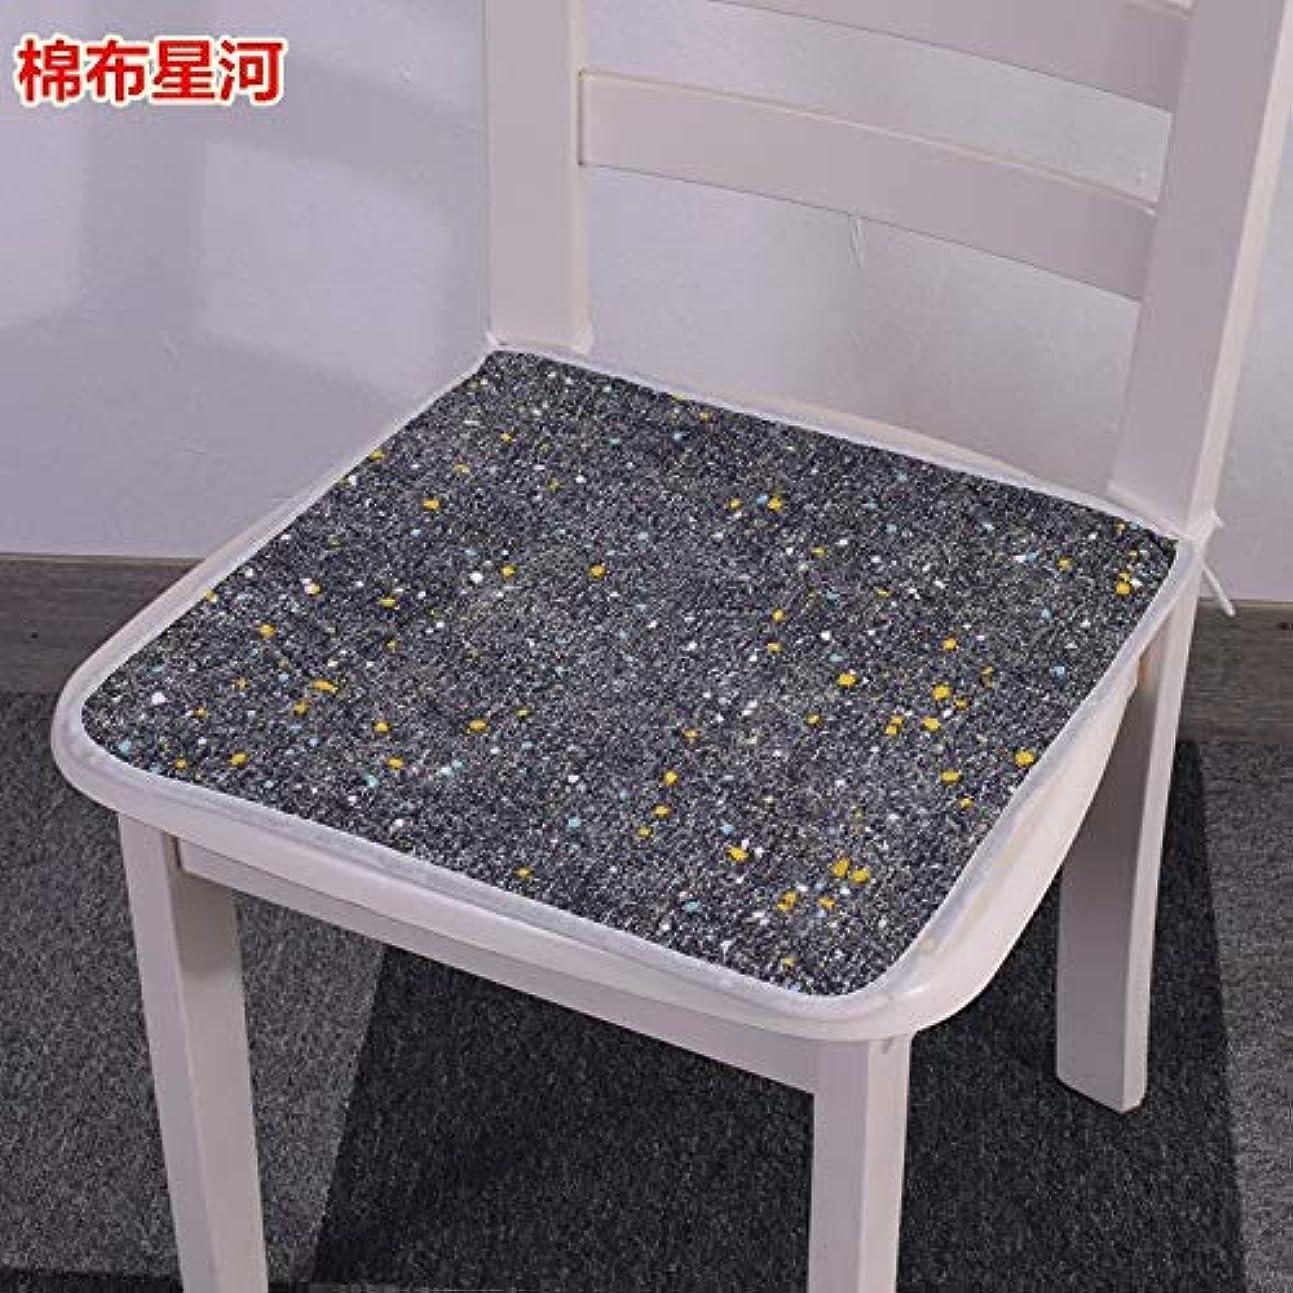 癌出力ホールドLIFE 現代スーパーソフト椅子クッション非スリップシートクッションマットソファホームデコレーションバッククッションチェアパッド 40*40/45*45/50*50 センチメートル クッション 椅子